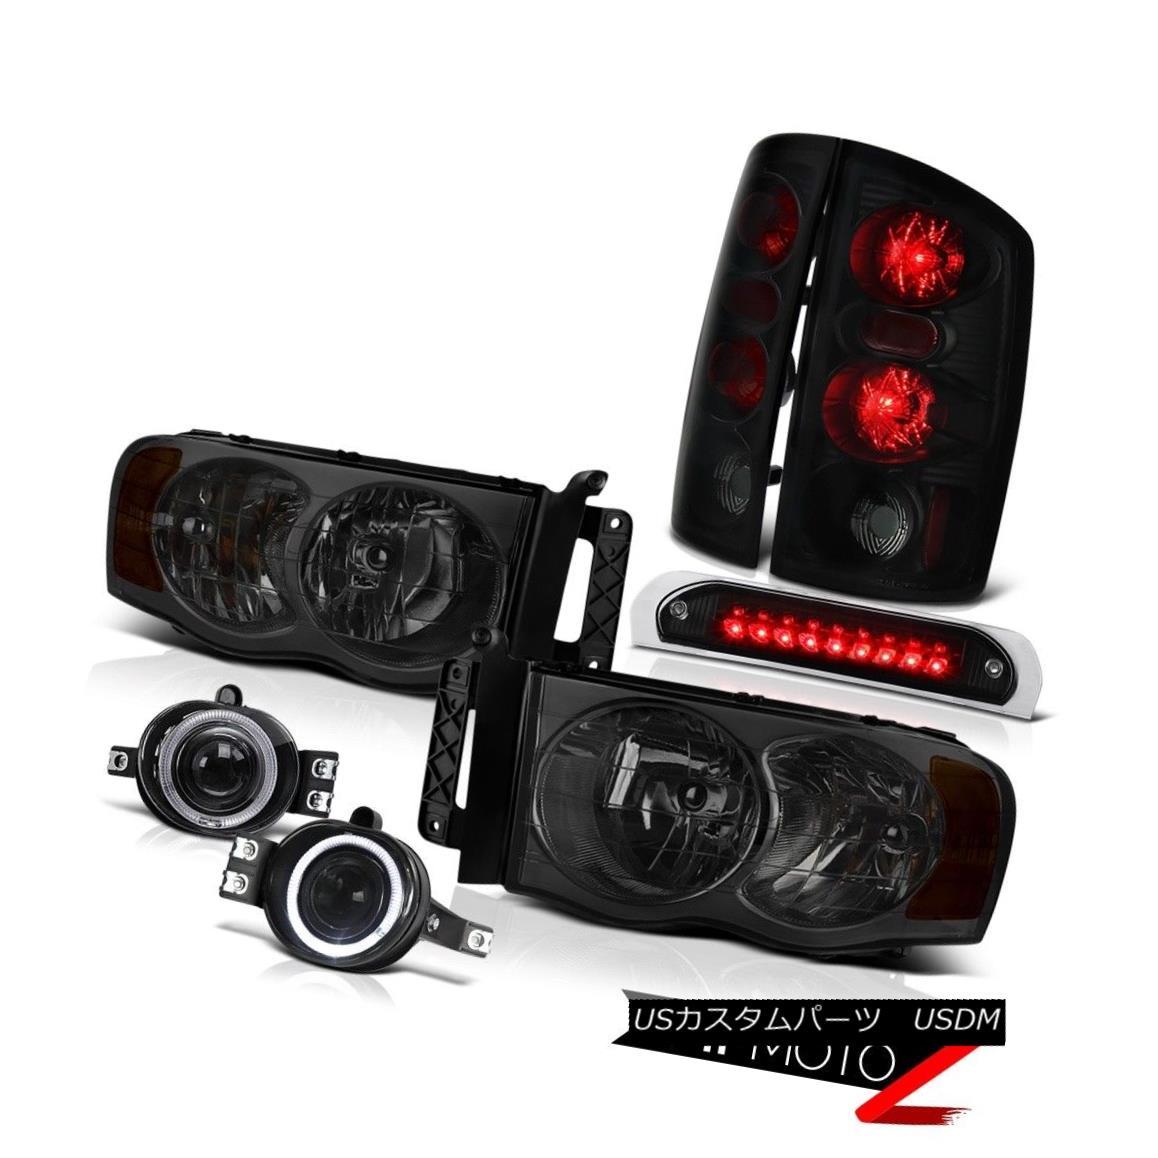 ヘッドライト Tinted Headlights Brake Tail Lights Bumper Fog Roof Stop LED Black 02-05 Ram SLT 着色ヘッドライトブレーキテールライトバンパーフォグルーフストップLEDブラック02-05 Ram SLT